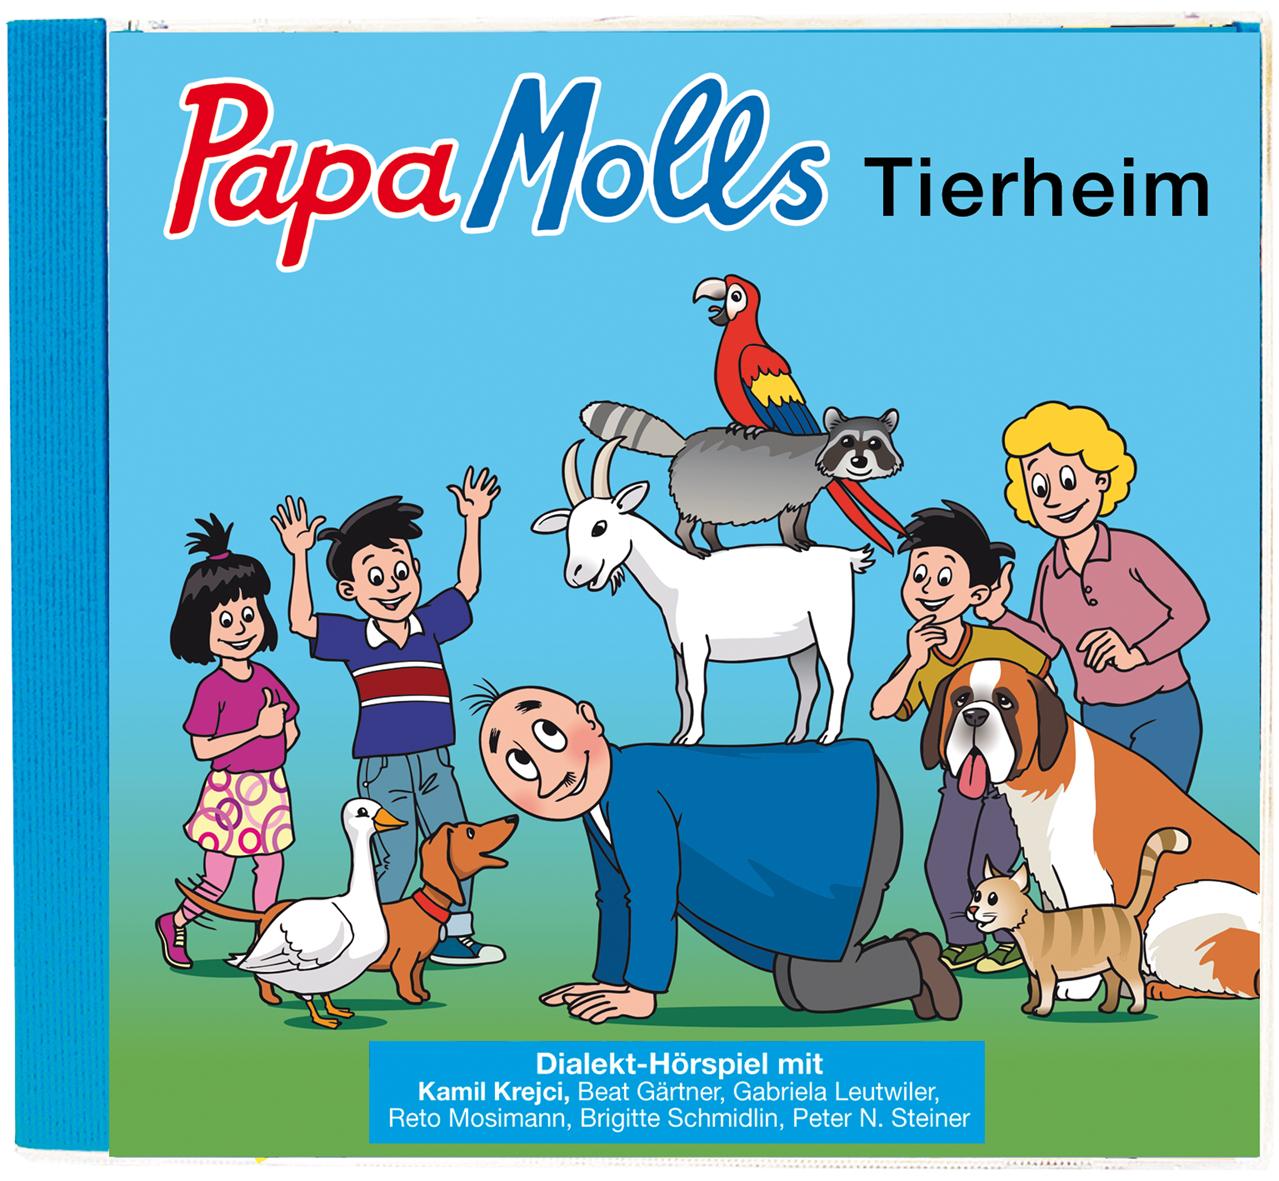 Papa Molls Tierheim